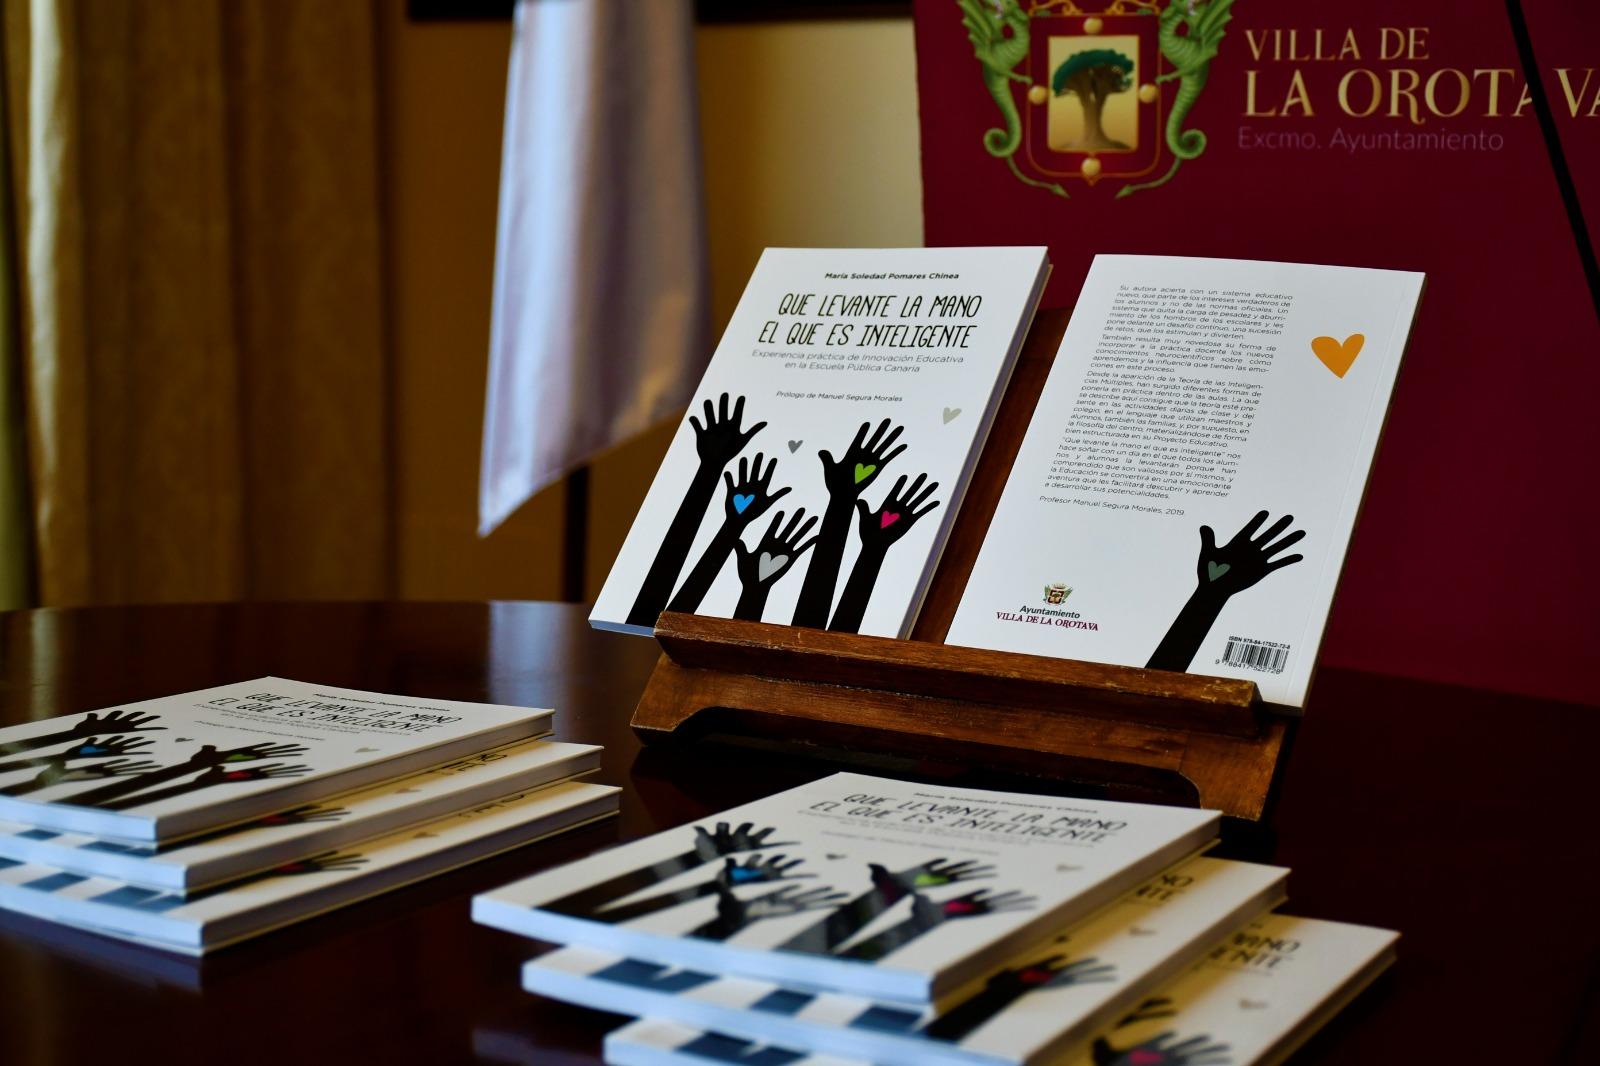 """Libros """"Que levante la mano el que es inteligente"""" del CEIP Aguamansa / CanariasNoticias.es"""